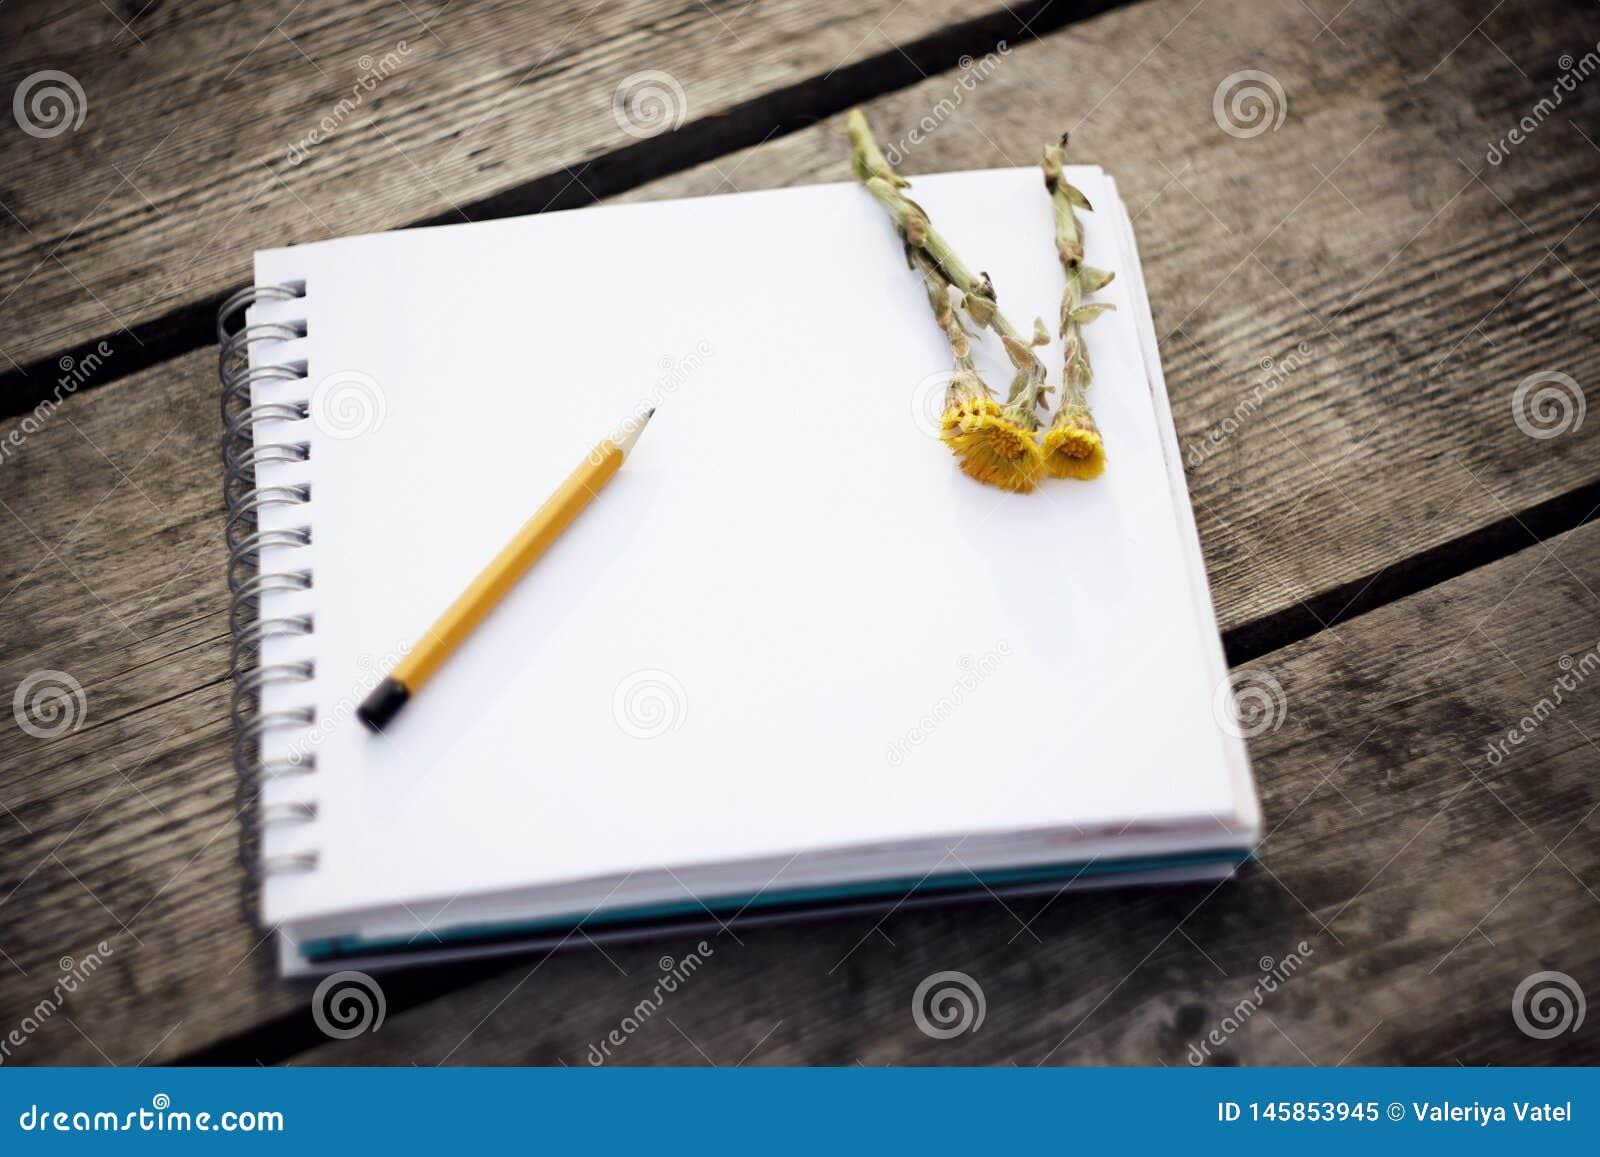 На таблице тетрадь, карандаш и желтый мать-и-мачеха цветков